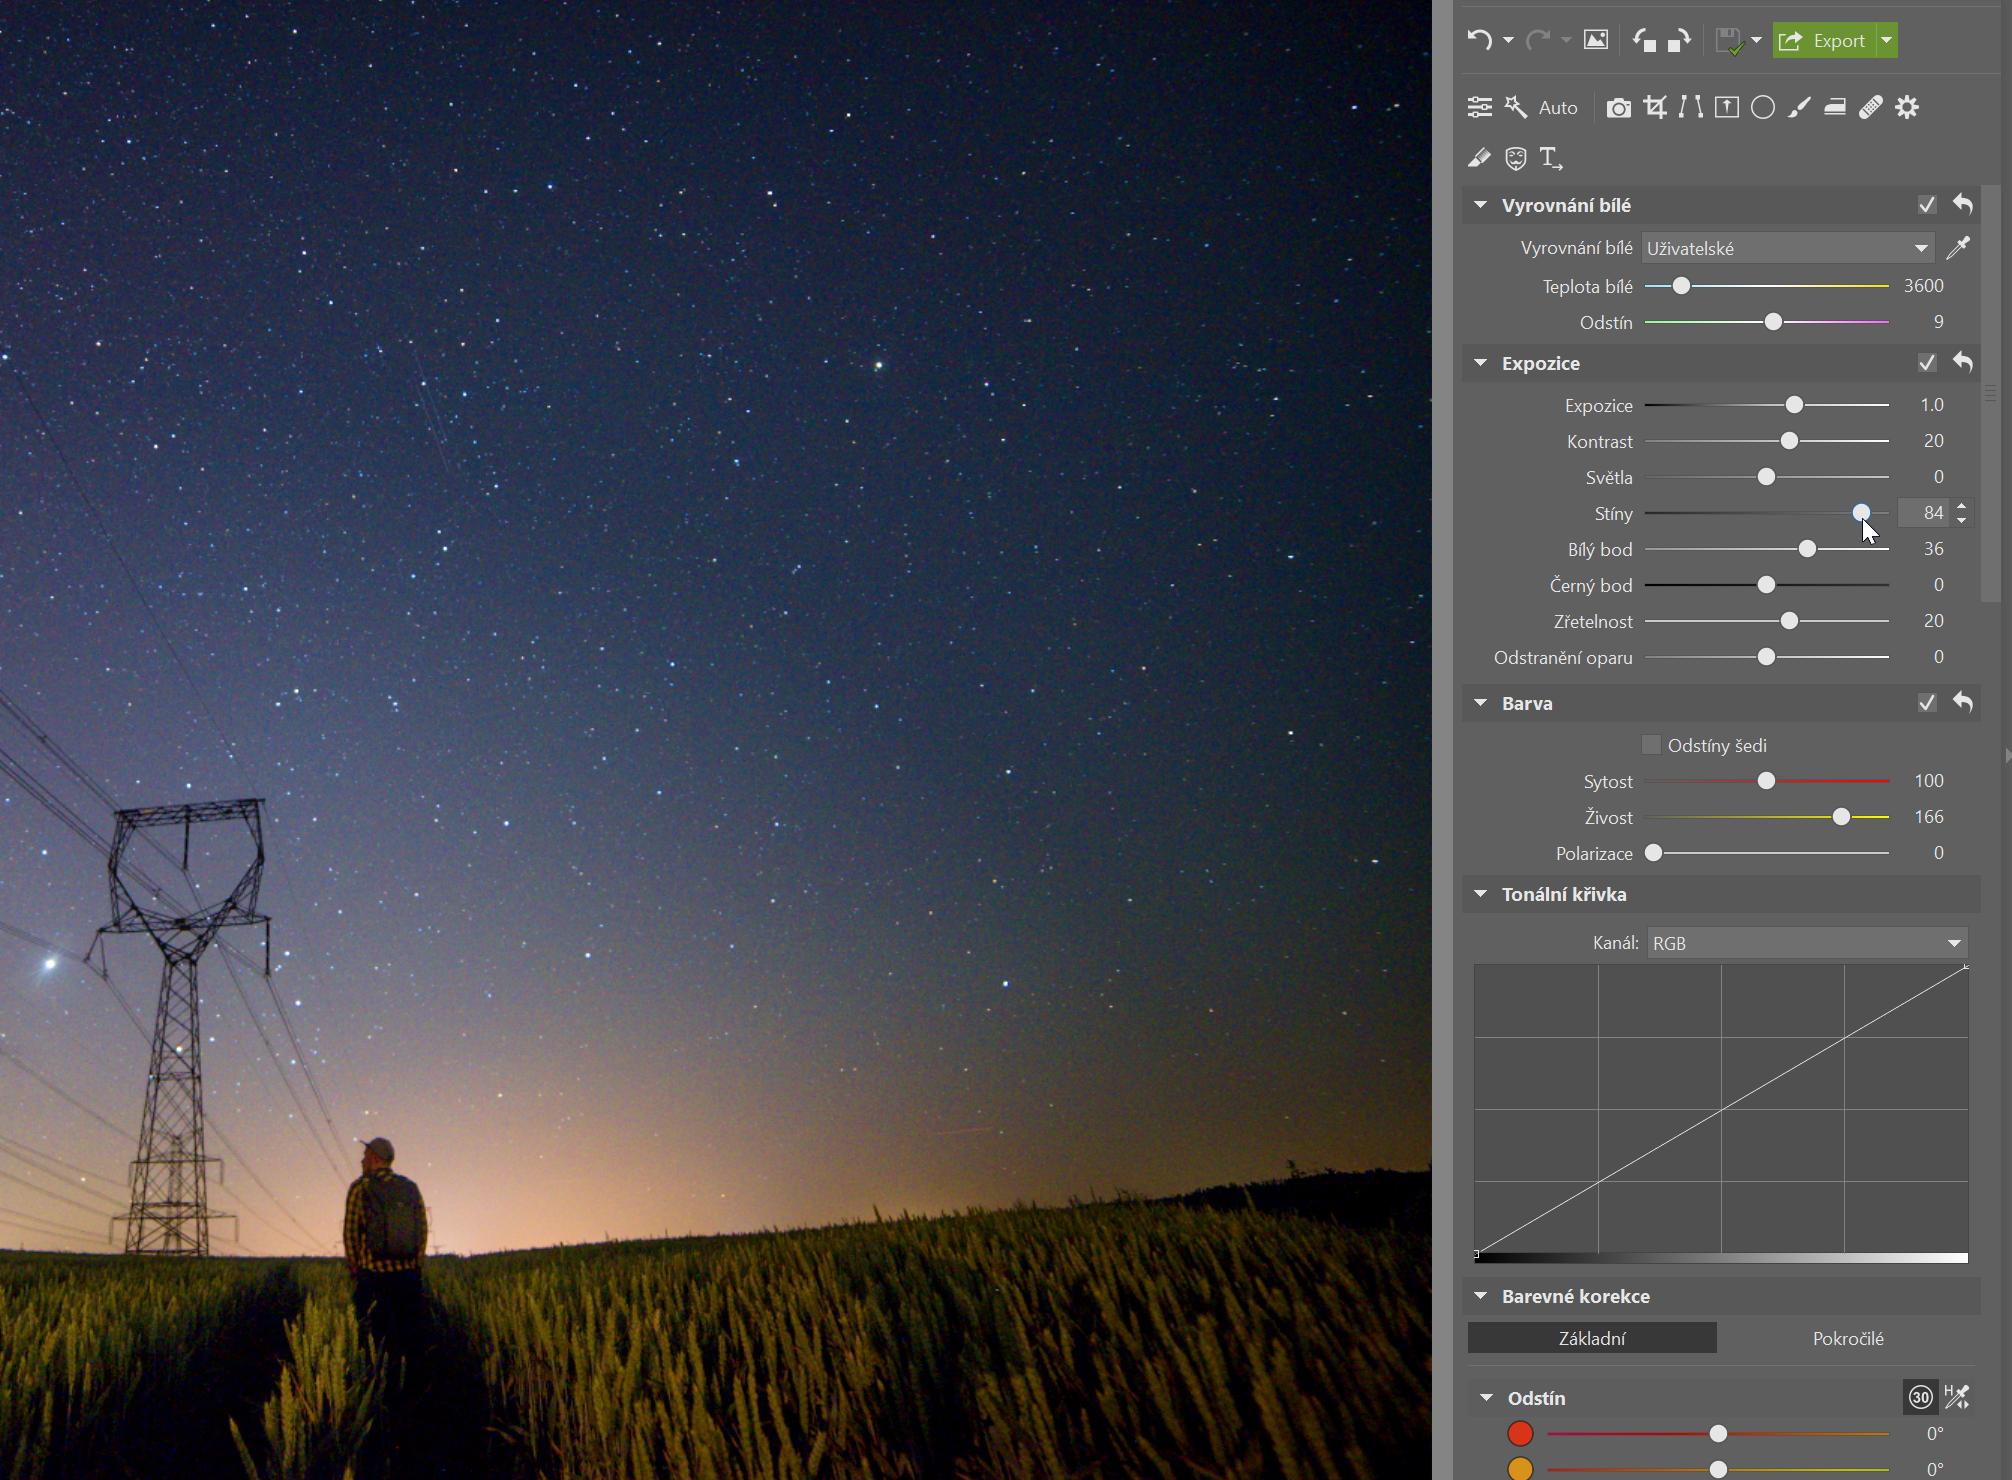 Fotky noční oblohy: expozice